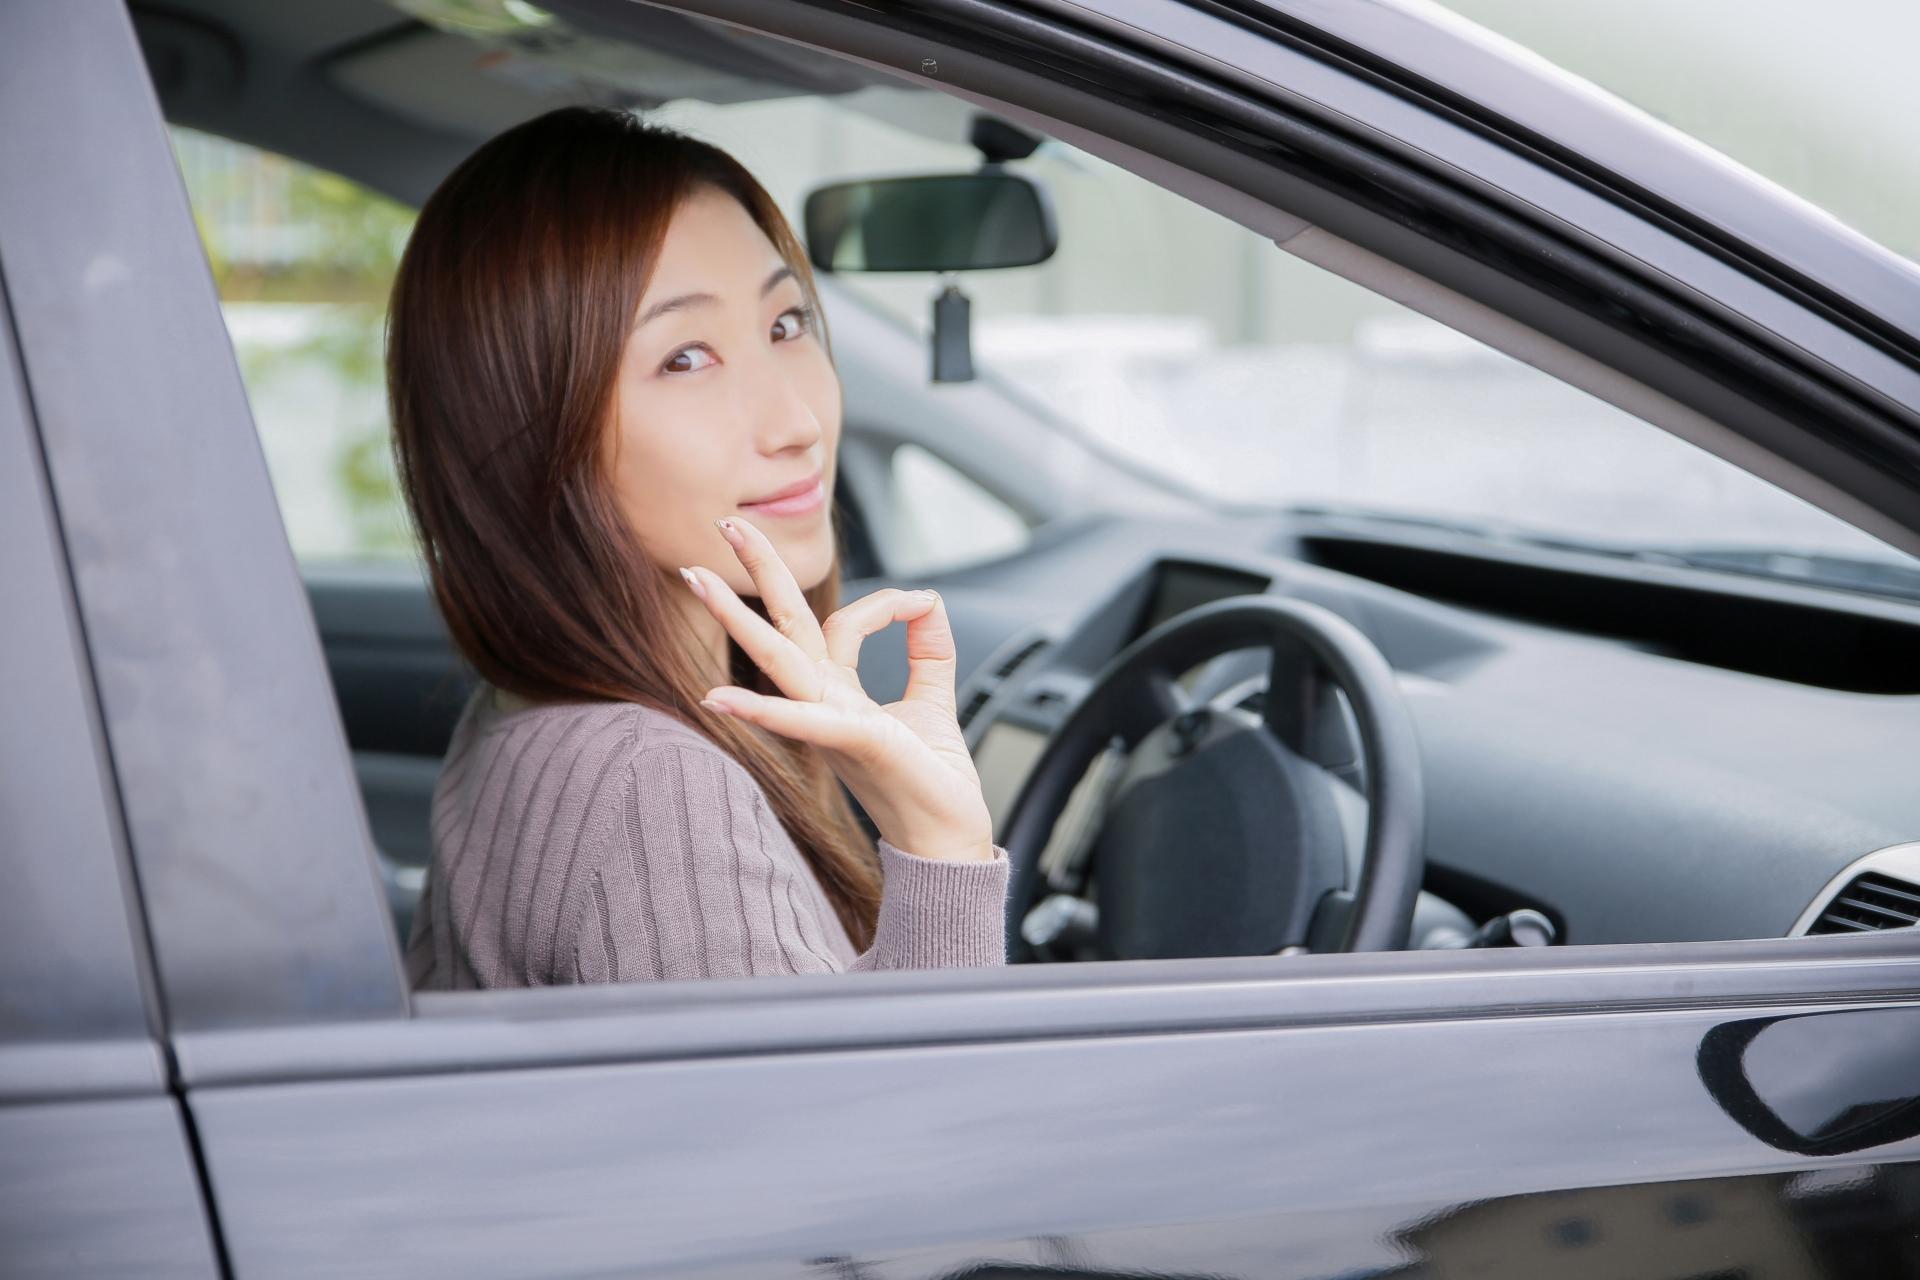 運転が下手と言われる女性。コレだから女はと言われないために